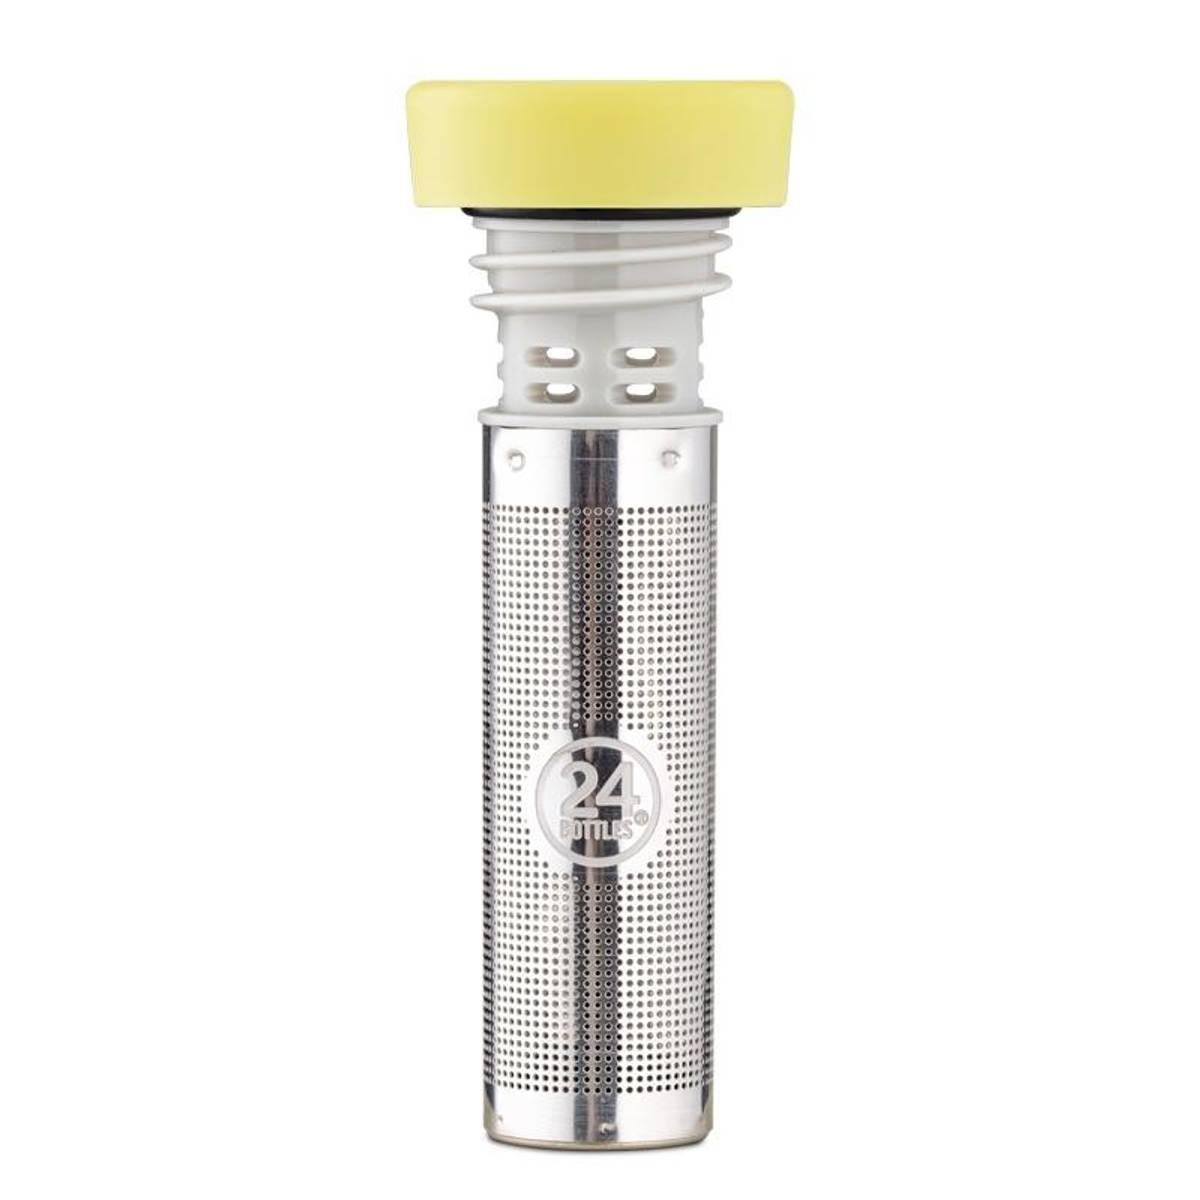 24Bottles Infuser Lid Light Yellow